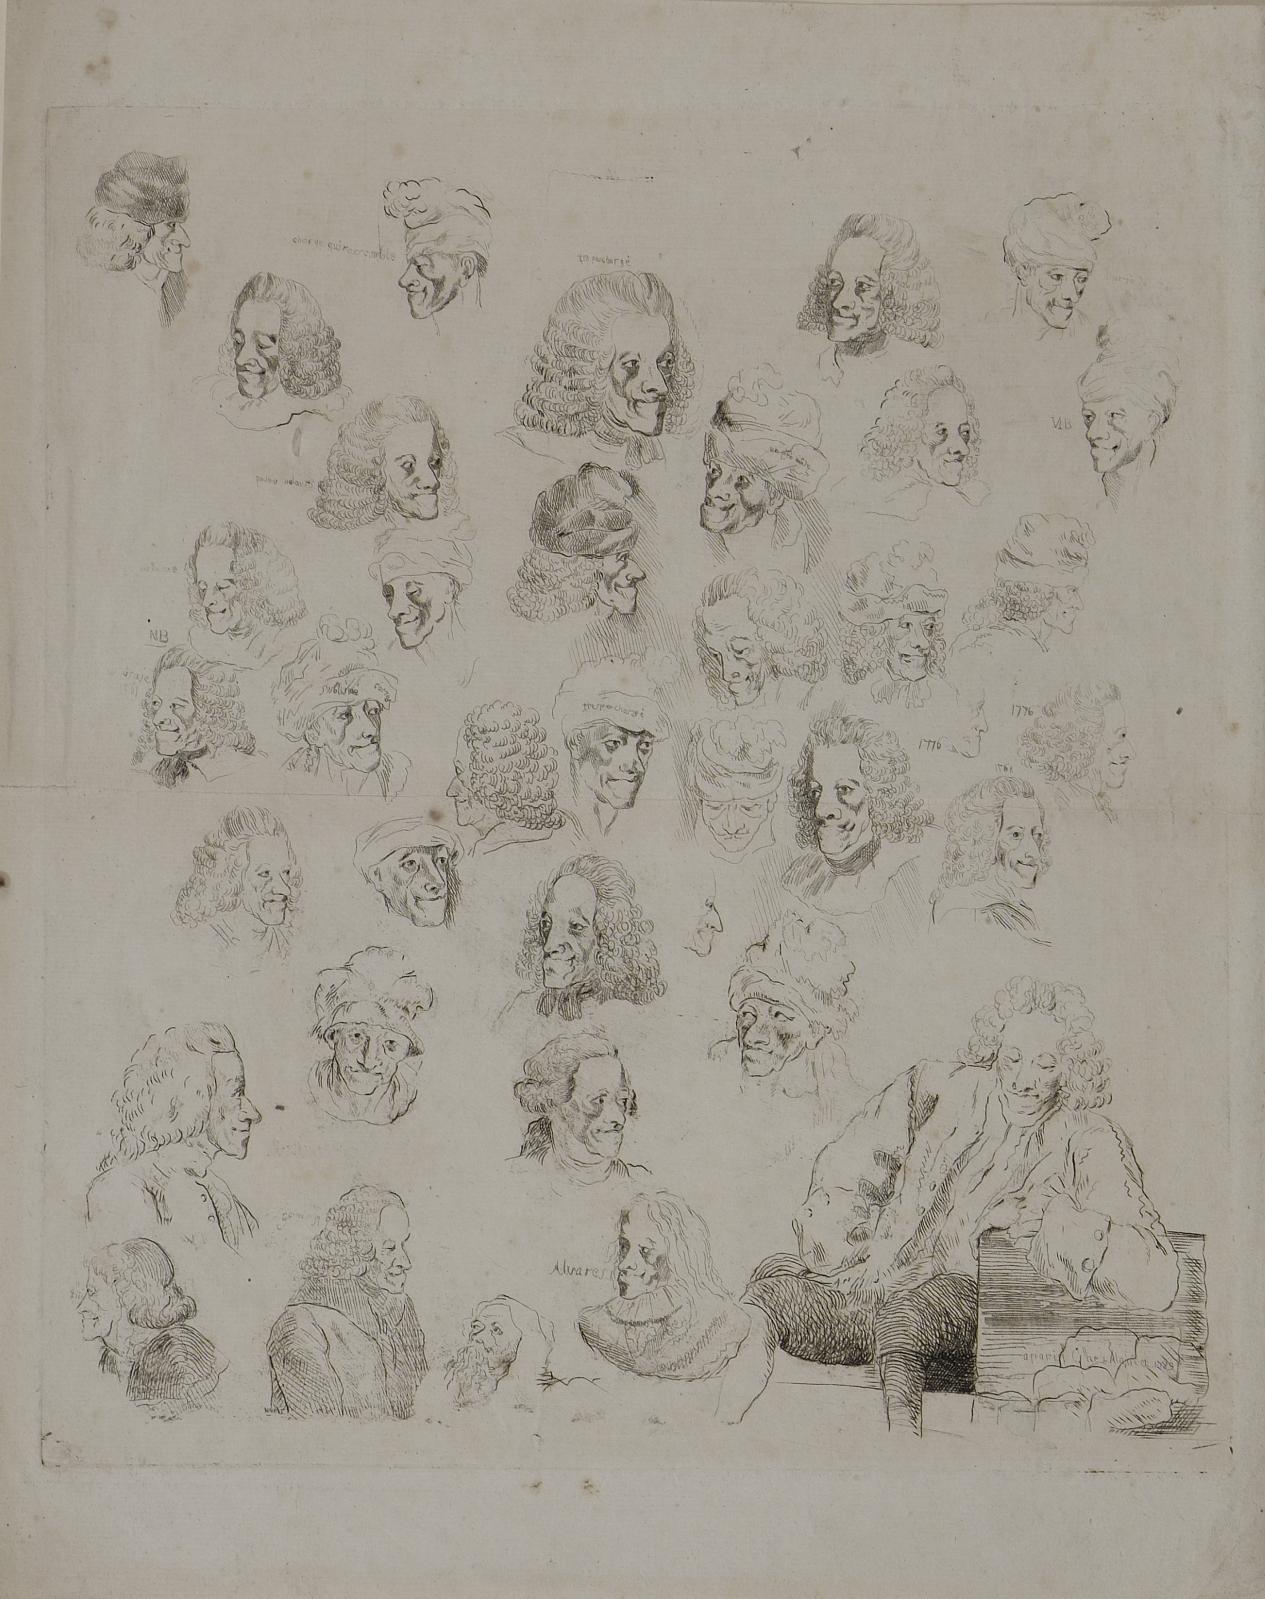 Dominique Vivant Denon (1747-1825), d'après Jean Huber, Trente-cinq études de têtes de Voltaire âgé de 81 ans, vers 1780, d'après des dessins vers 177